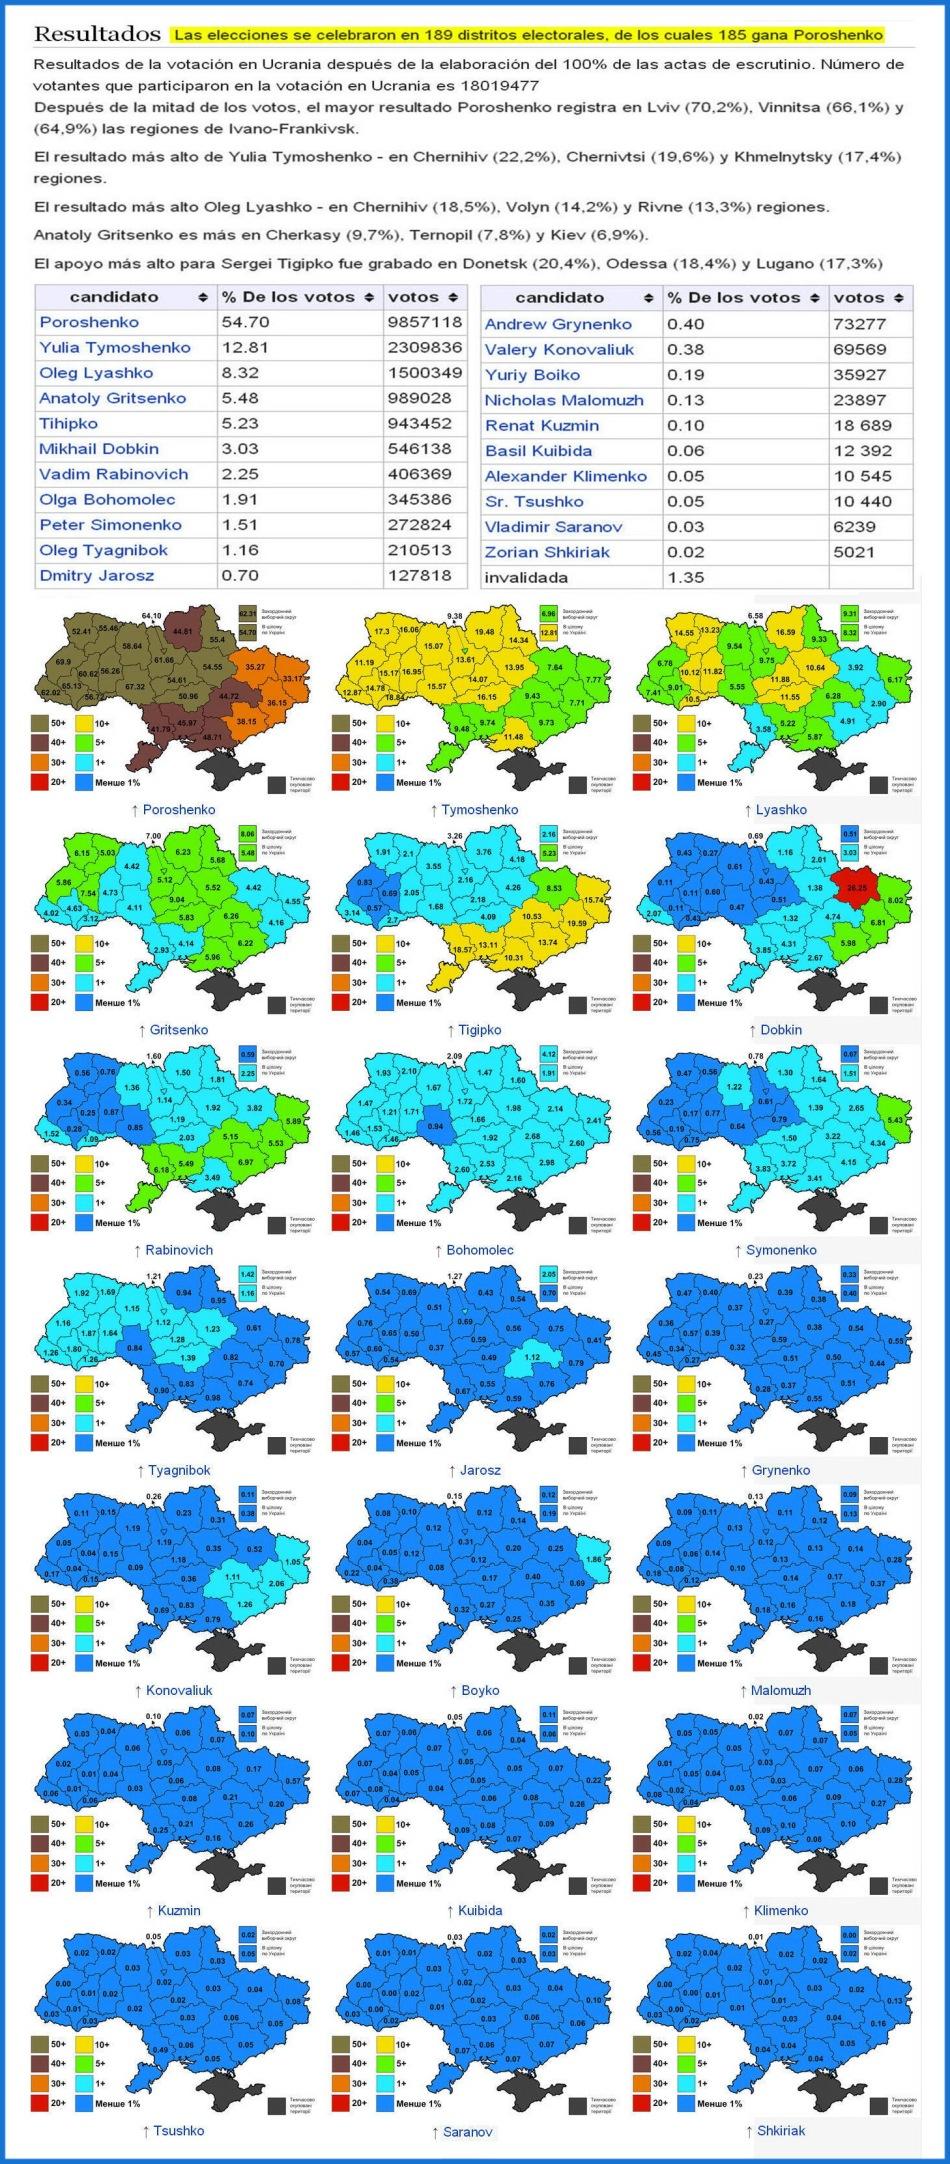 UCRANIA MAPA Votaciones 2014